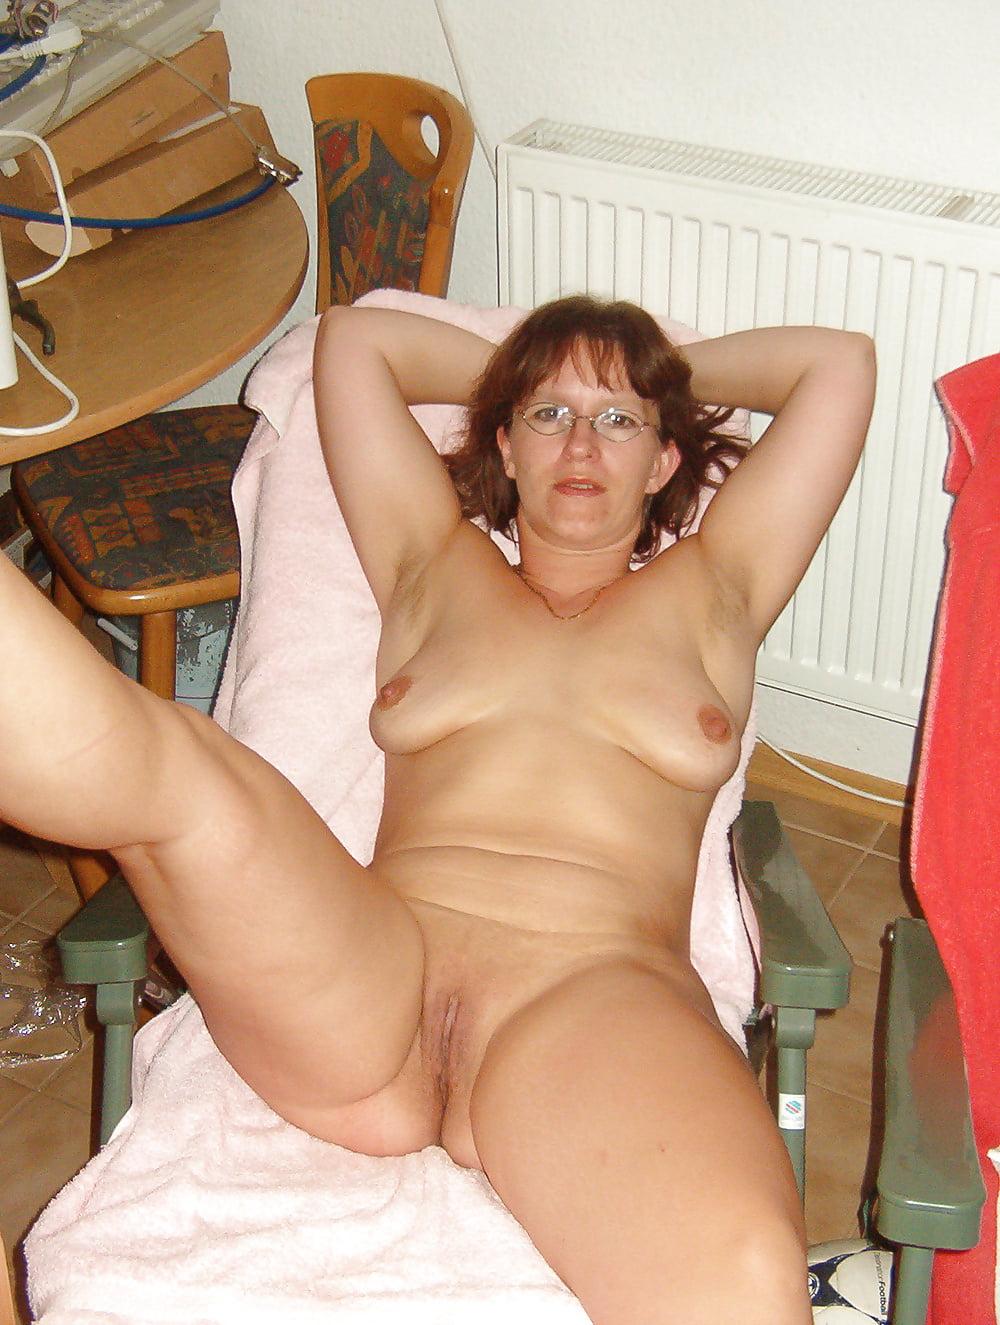 частное фото женщин в возрасте-эротика - 8